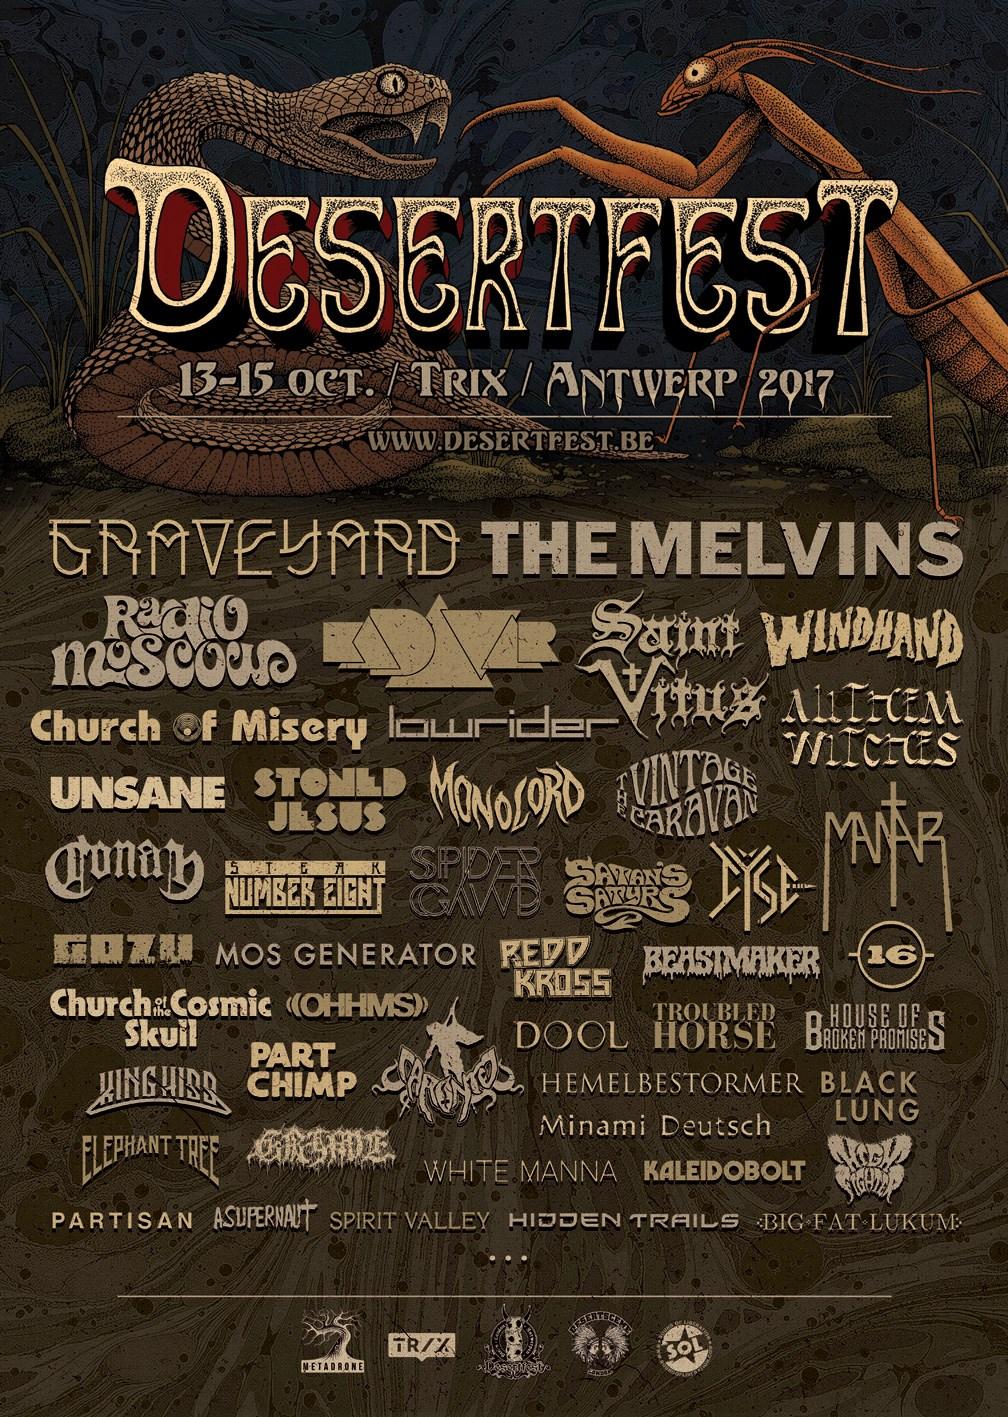 Desertfest Antwerp 2017